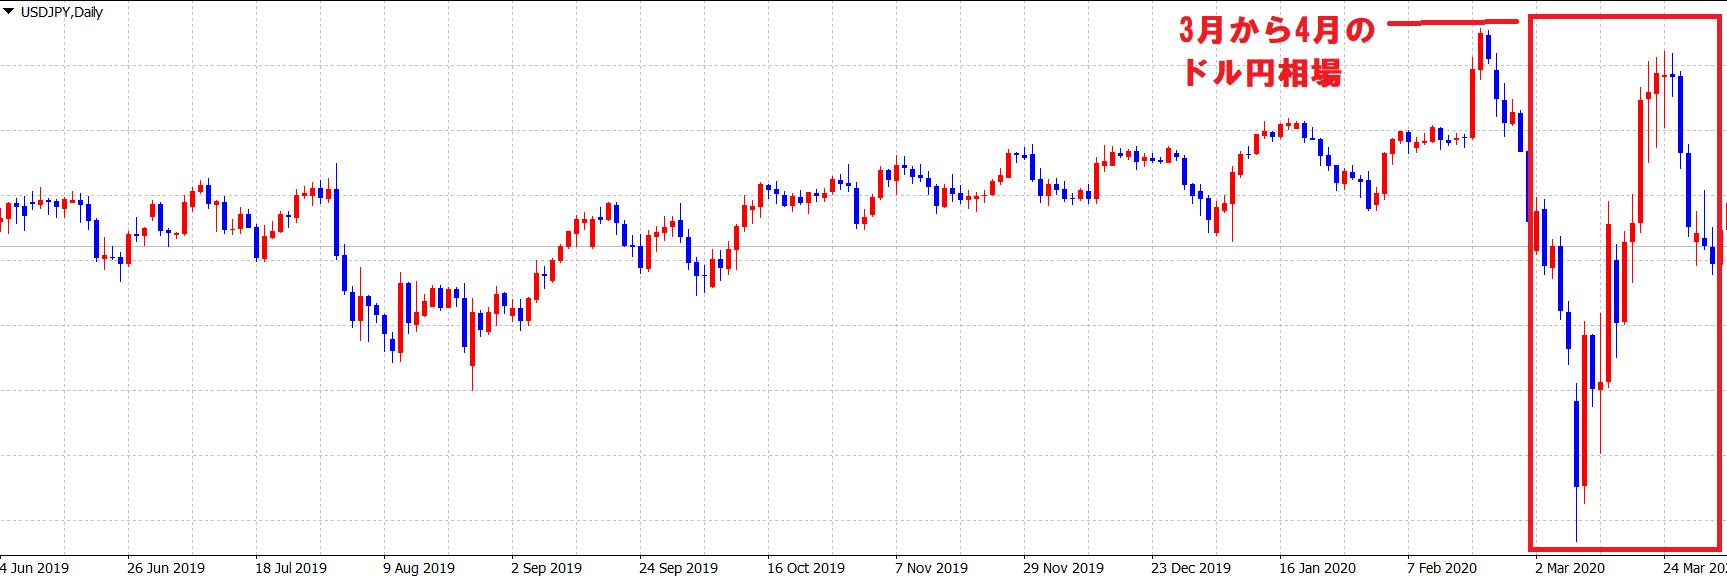 3月から4月のコロナ情勢のドル円相場